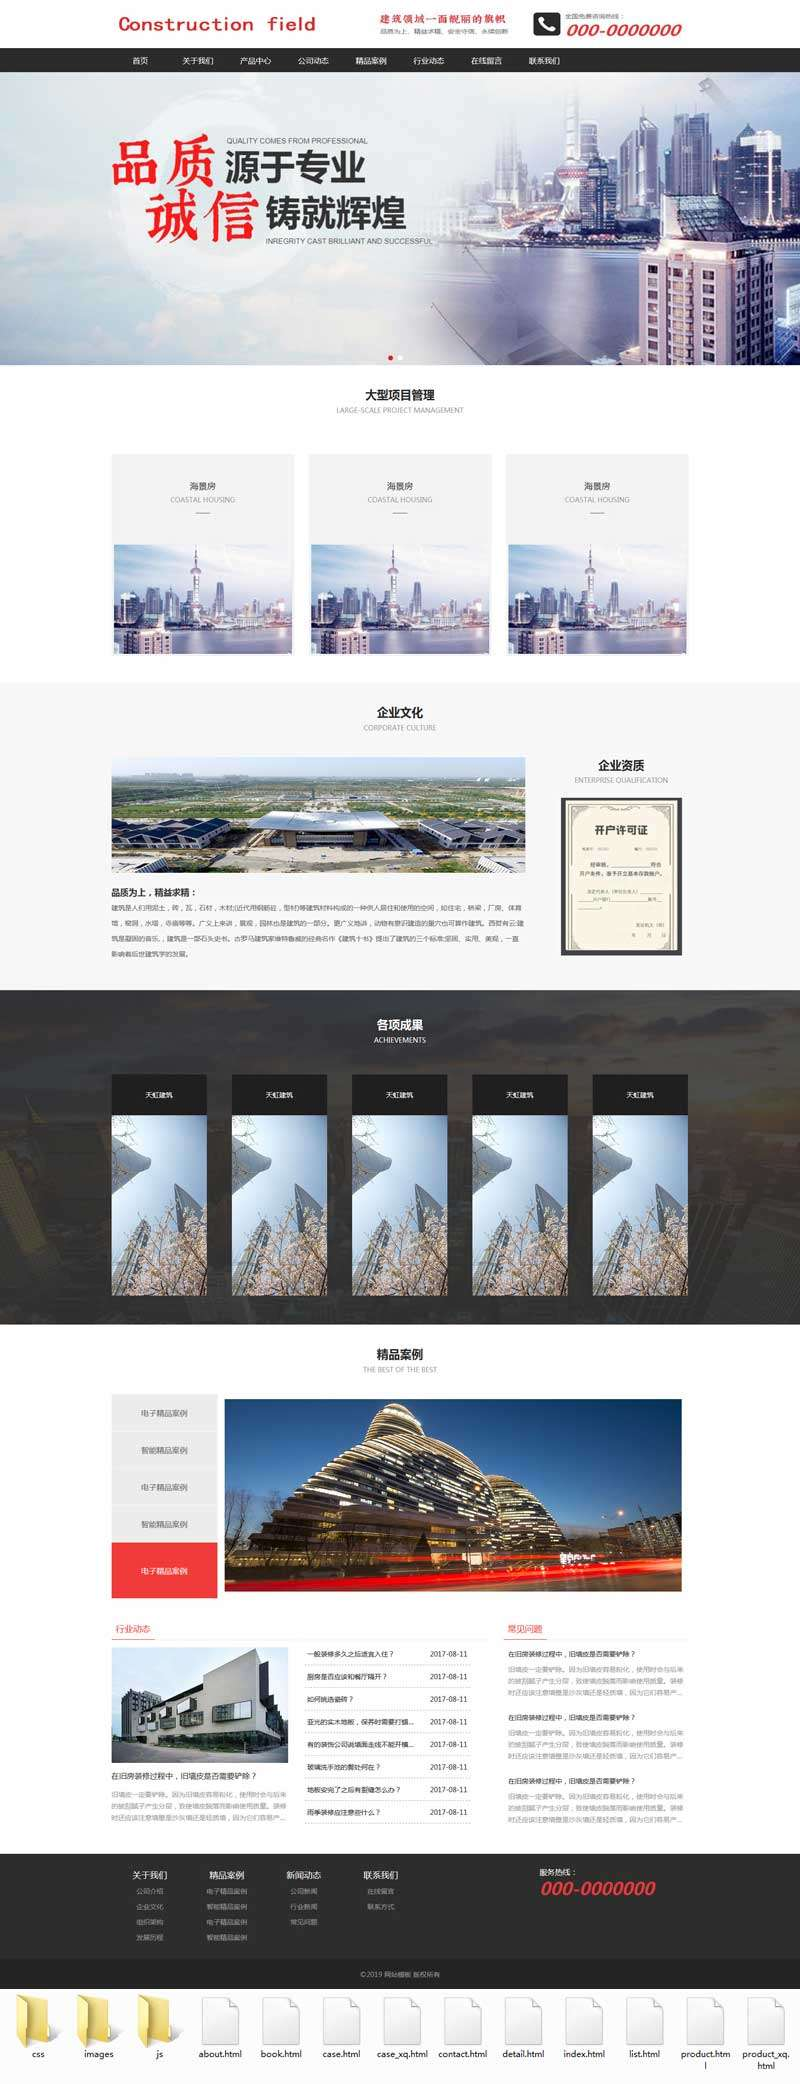 高端大气房屋建筑工程公司网站模板